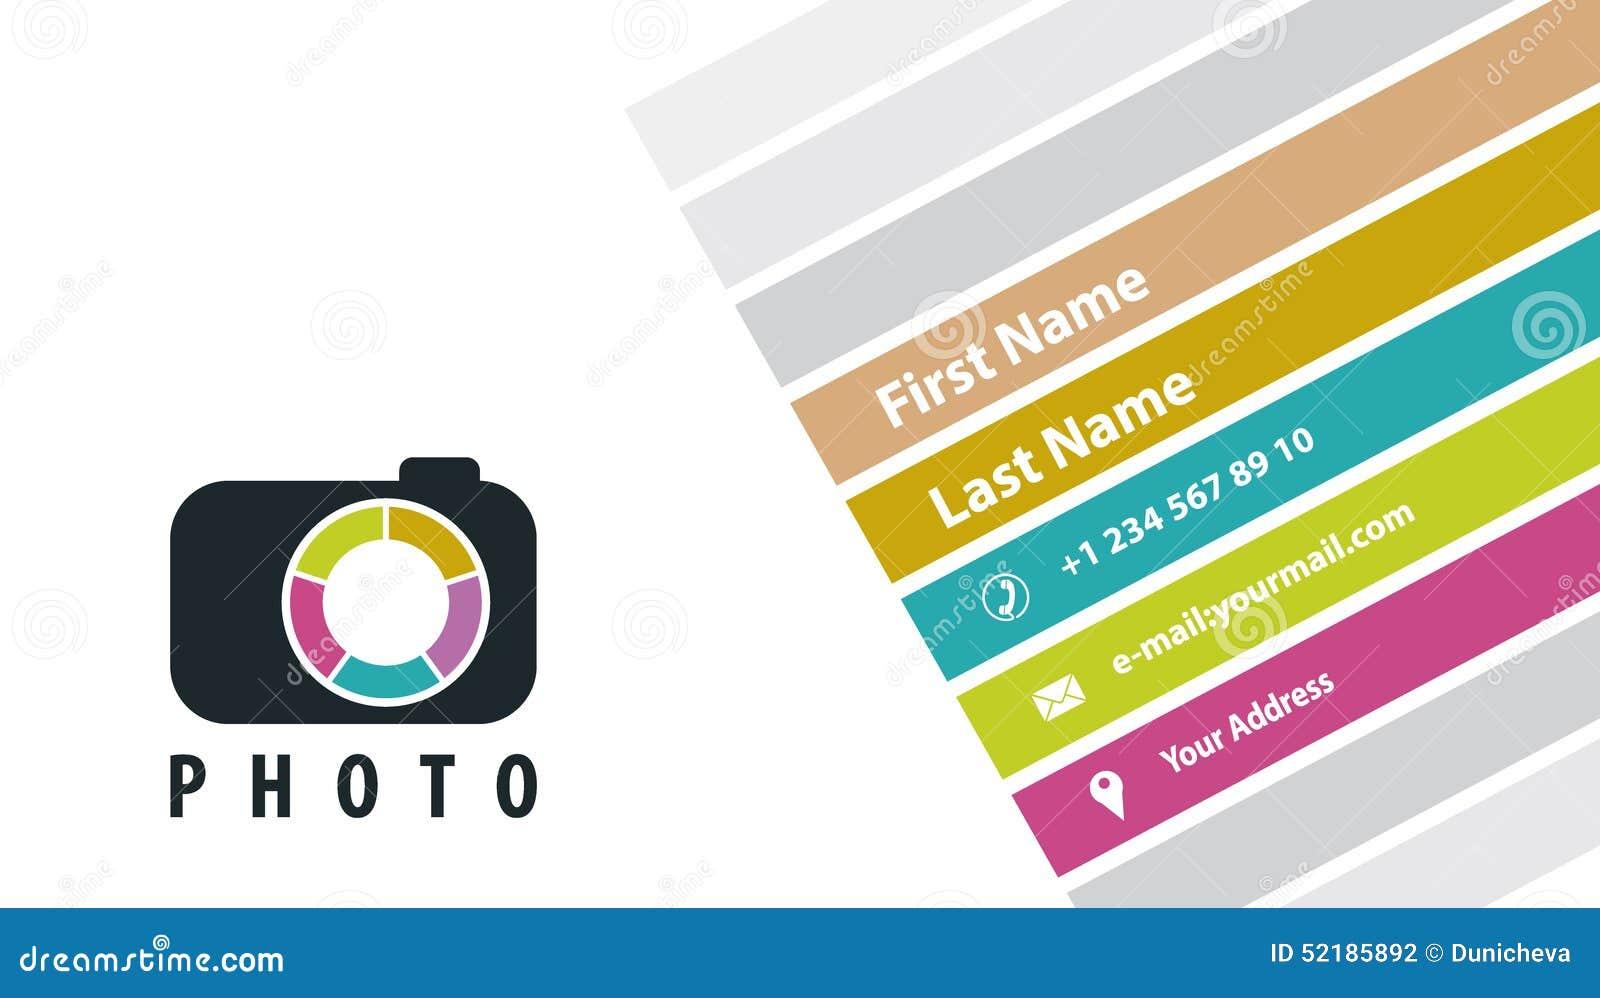 Photographe Cratif De Carte Visite Professionnelle